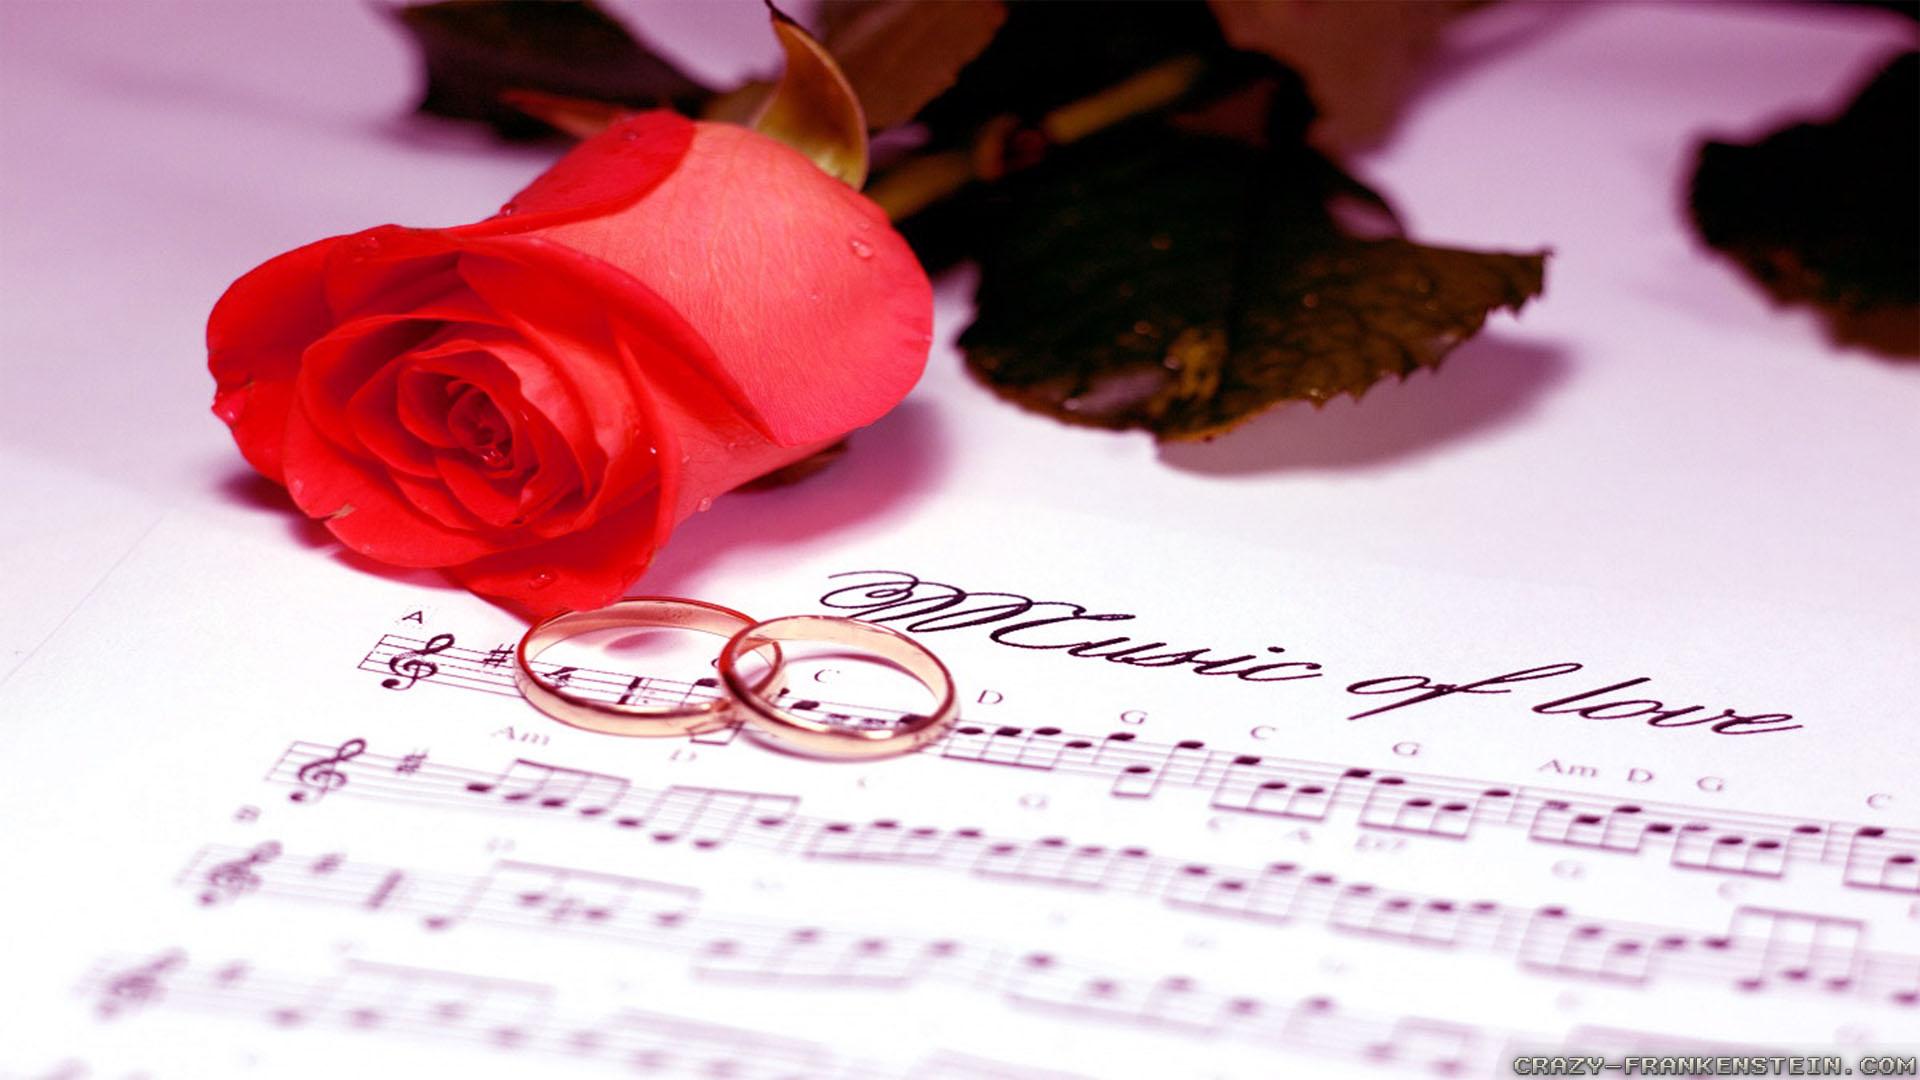 Full Hd Rose Wallpaper For Mobile Flower Wallpaper - Romantic Wallpapers Of Love , HD Wallpaper & Backgrounds